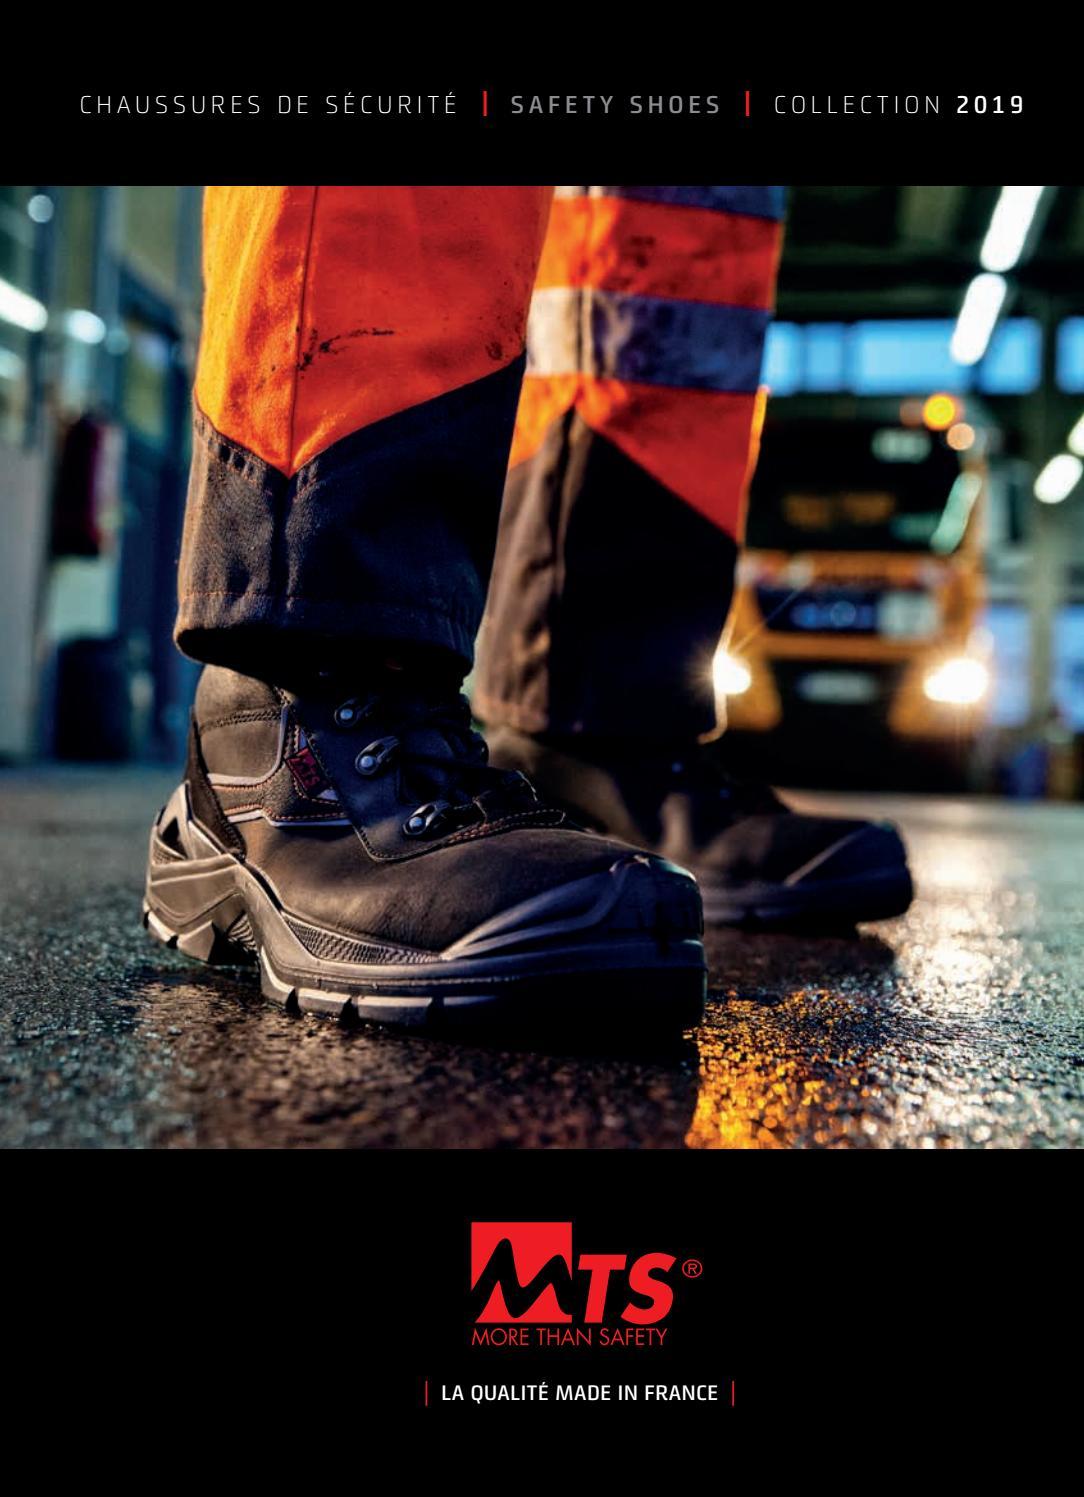 Catalogue Chaussures de sécurité MTS More Than Safety by